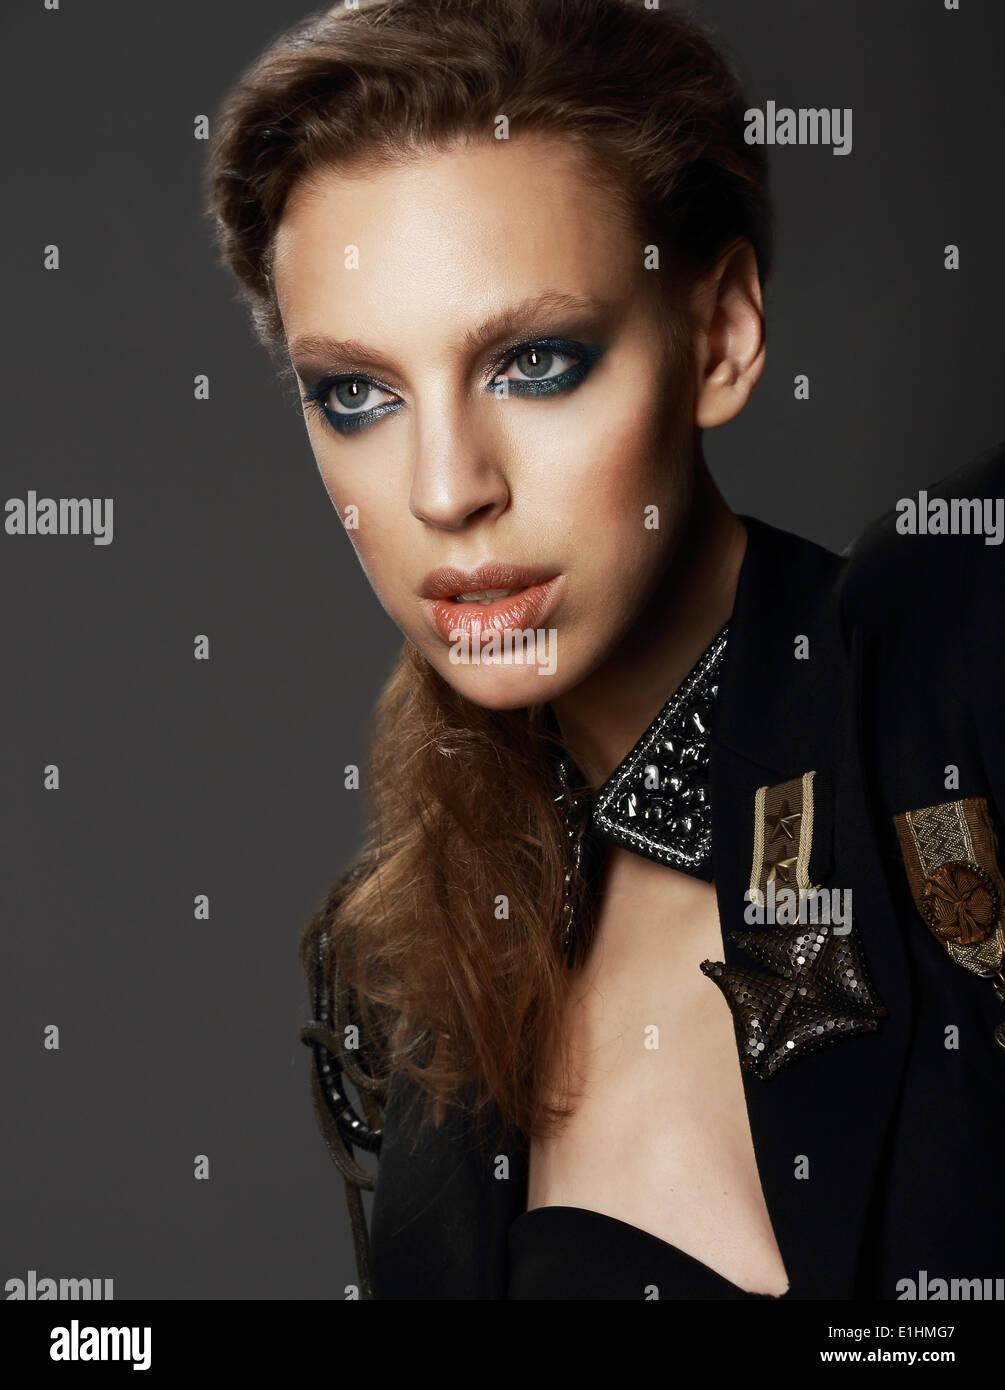 Zu Ehren. Porträt von Edel Frau in Militäruniform mit Broschen Stockbild